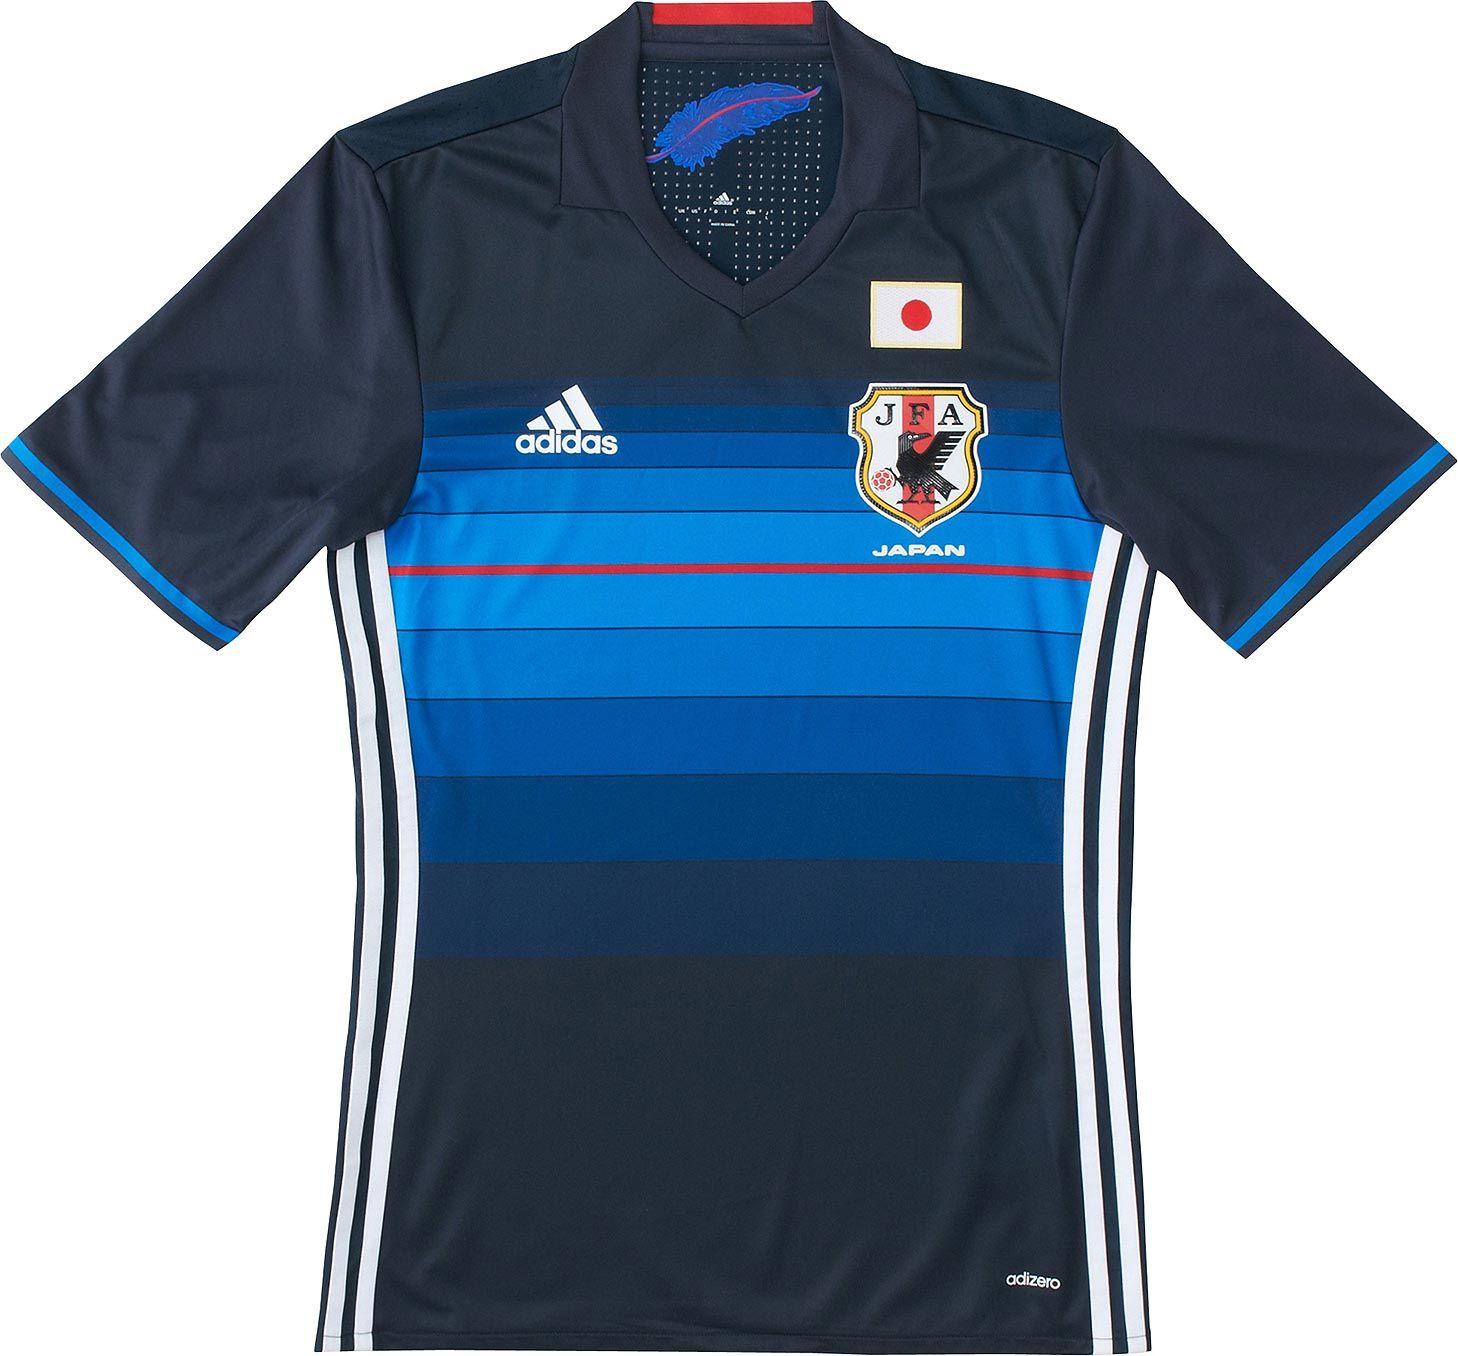 25fd28d607 Adidas apresenta novas camisas da seleção do Japão - Show de Camisas ...